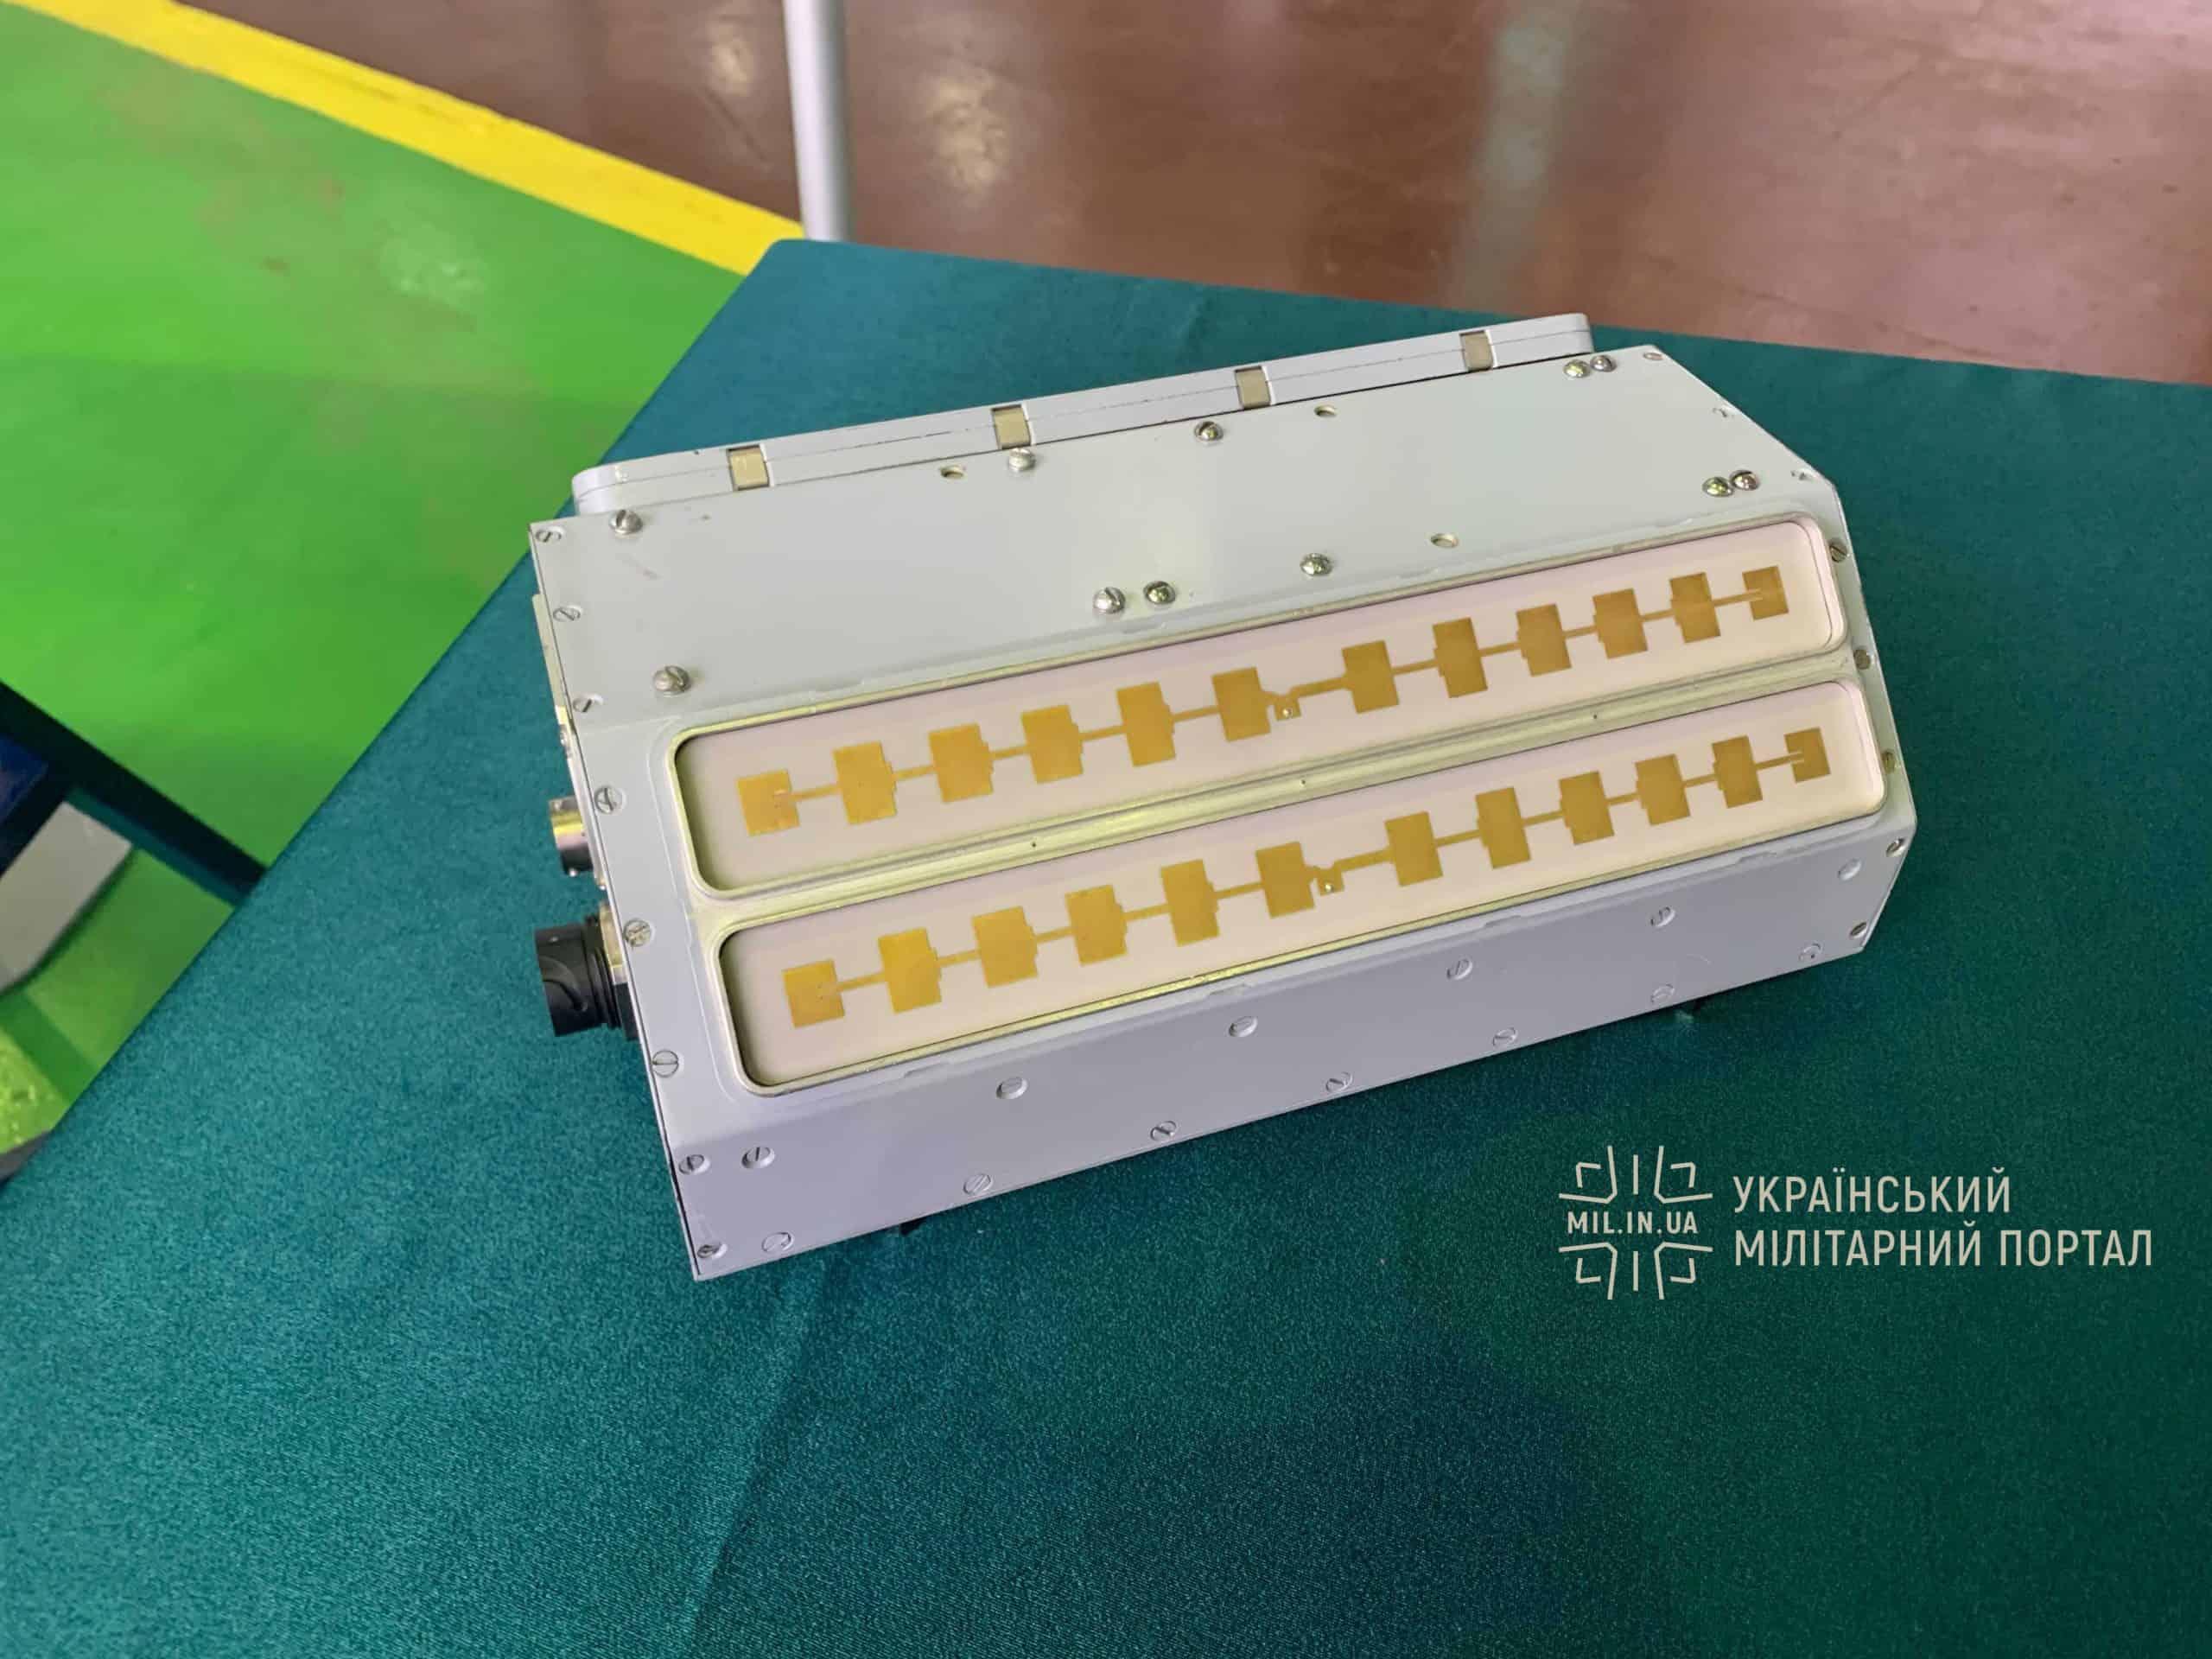 Радіолокатор з синтезованою апаратурою для БПЛА «Сокіл-300»